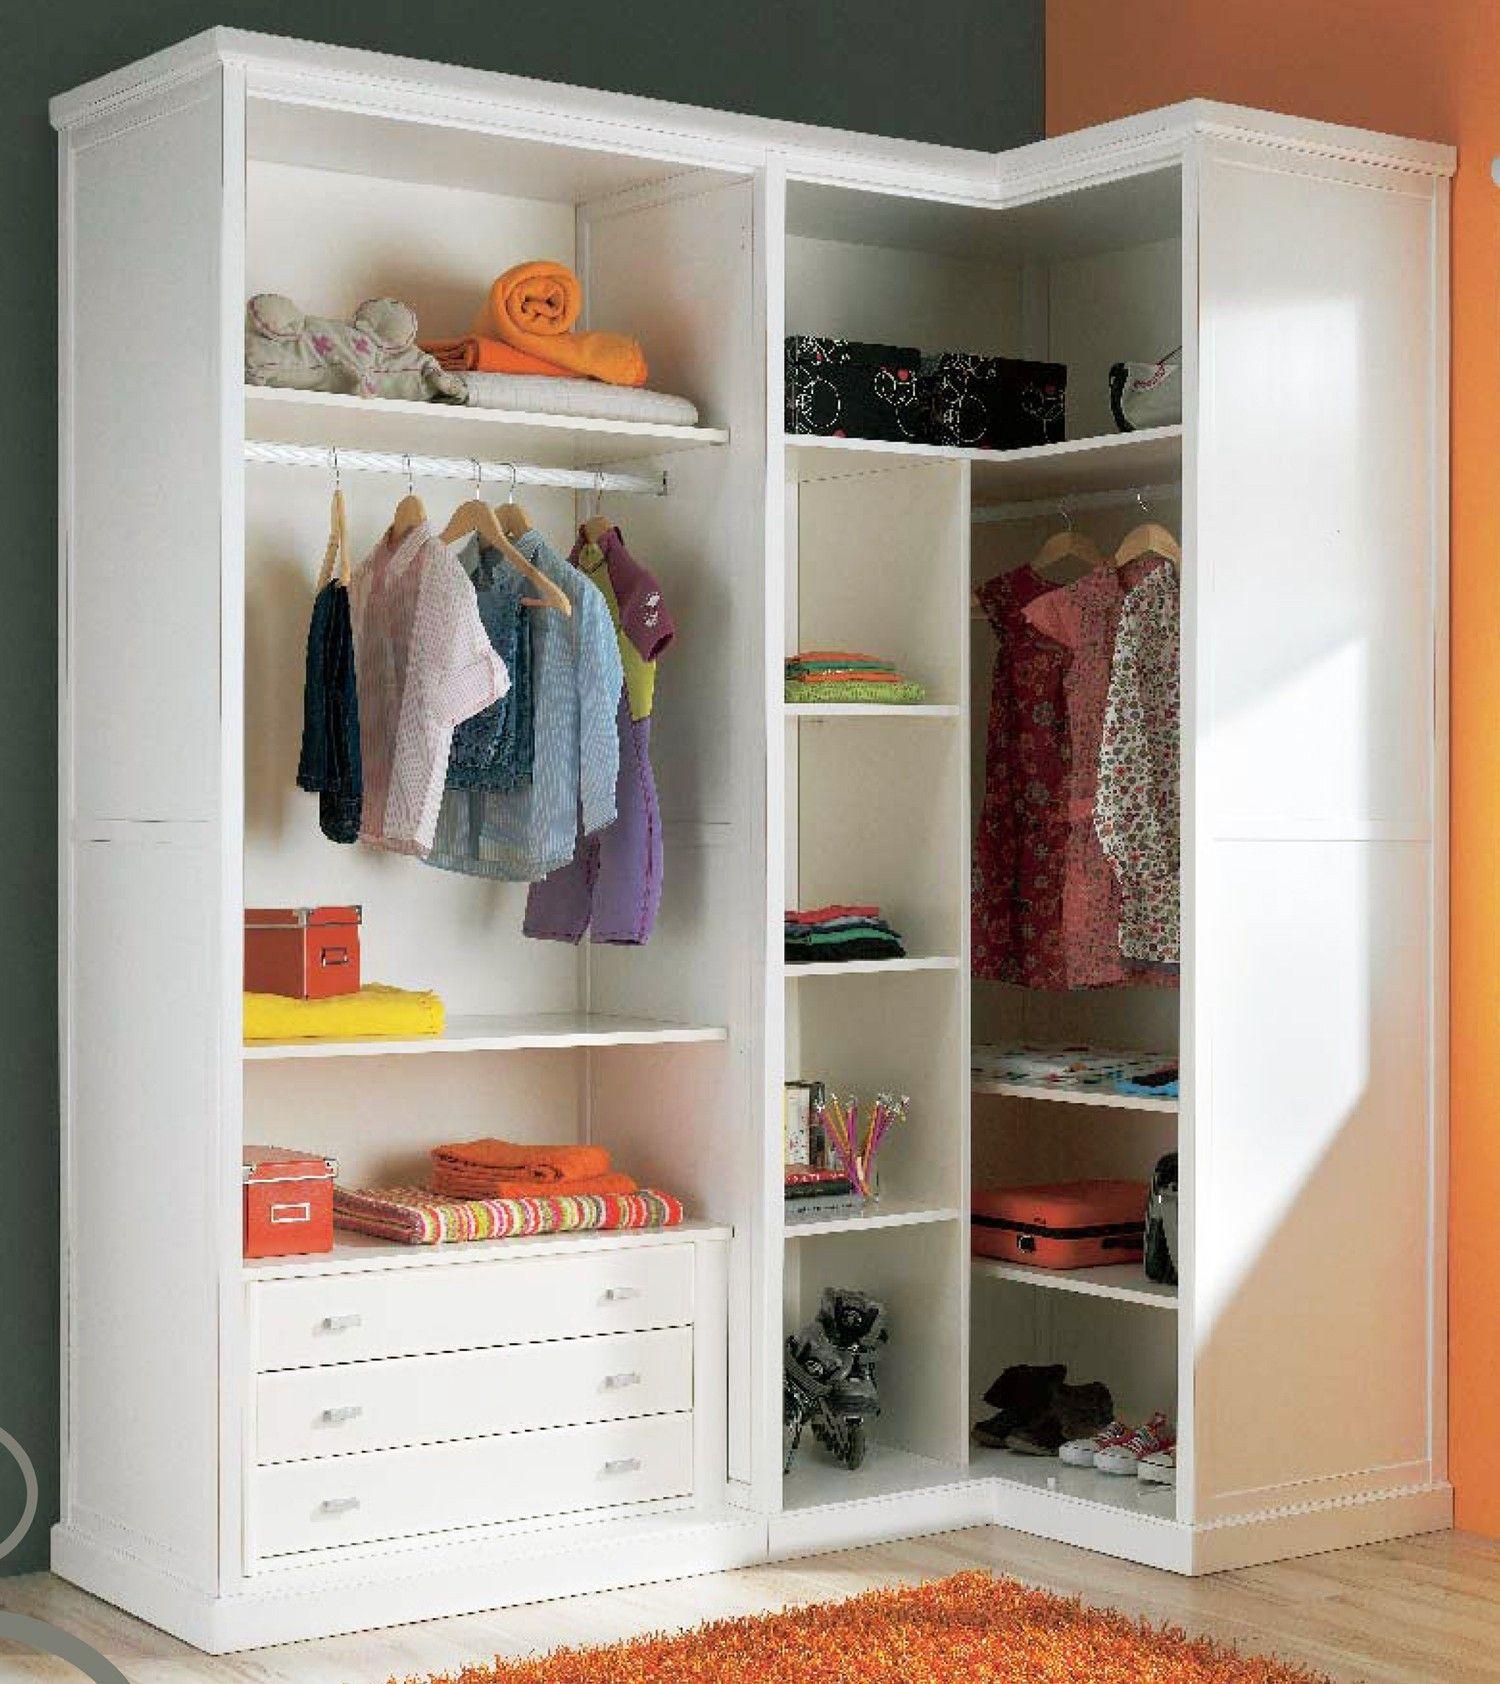 Muebles de dormitorio juvenil cama nido compacto - haya | Armario de ...